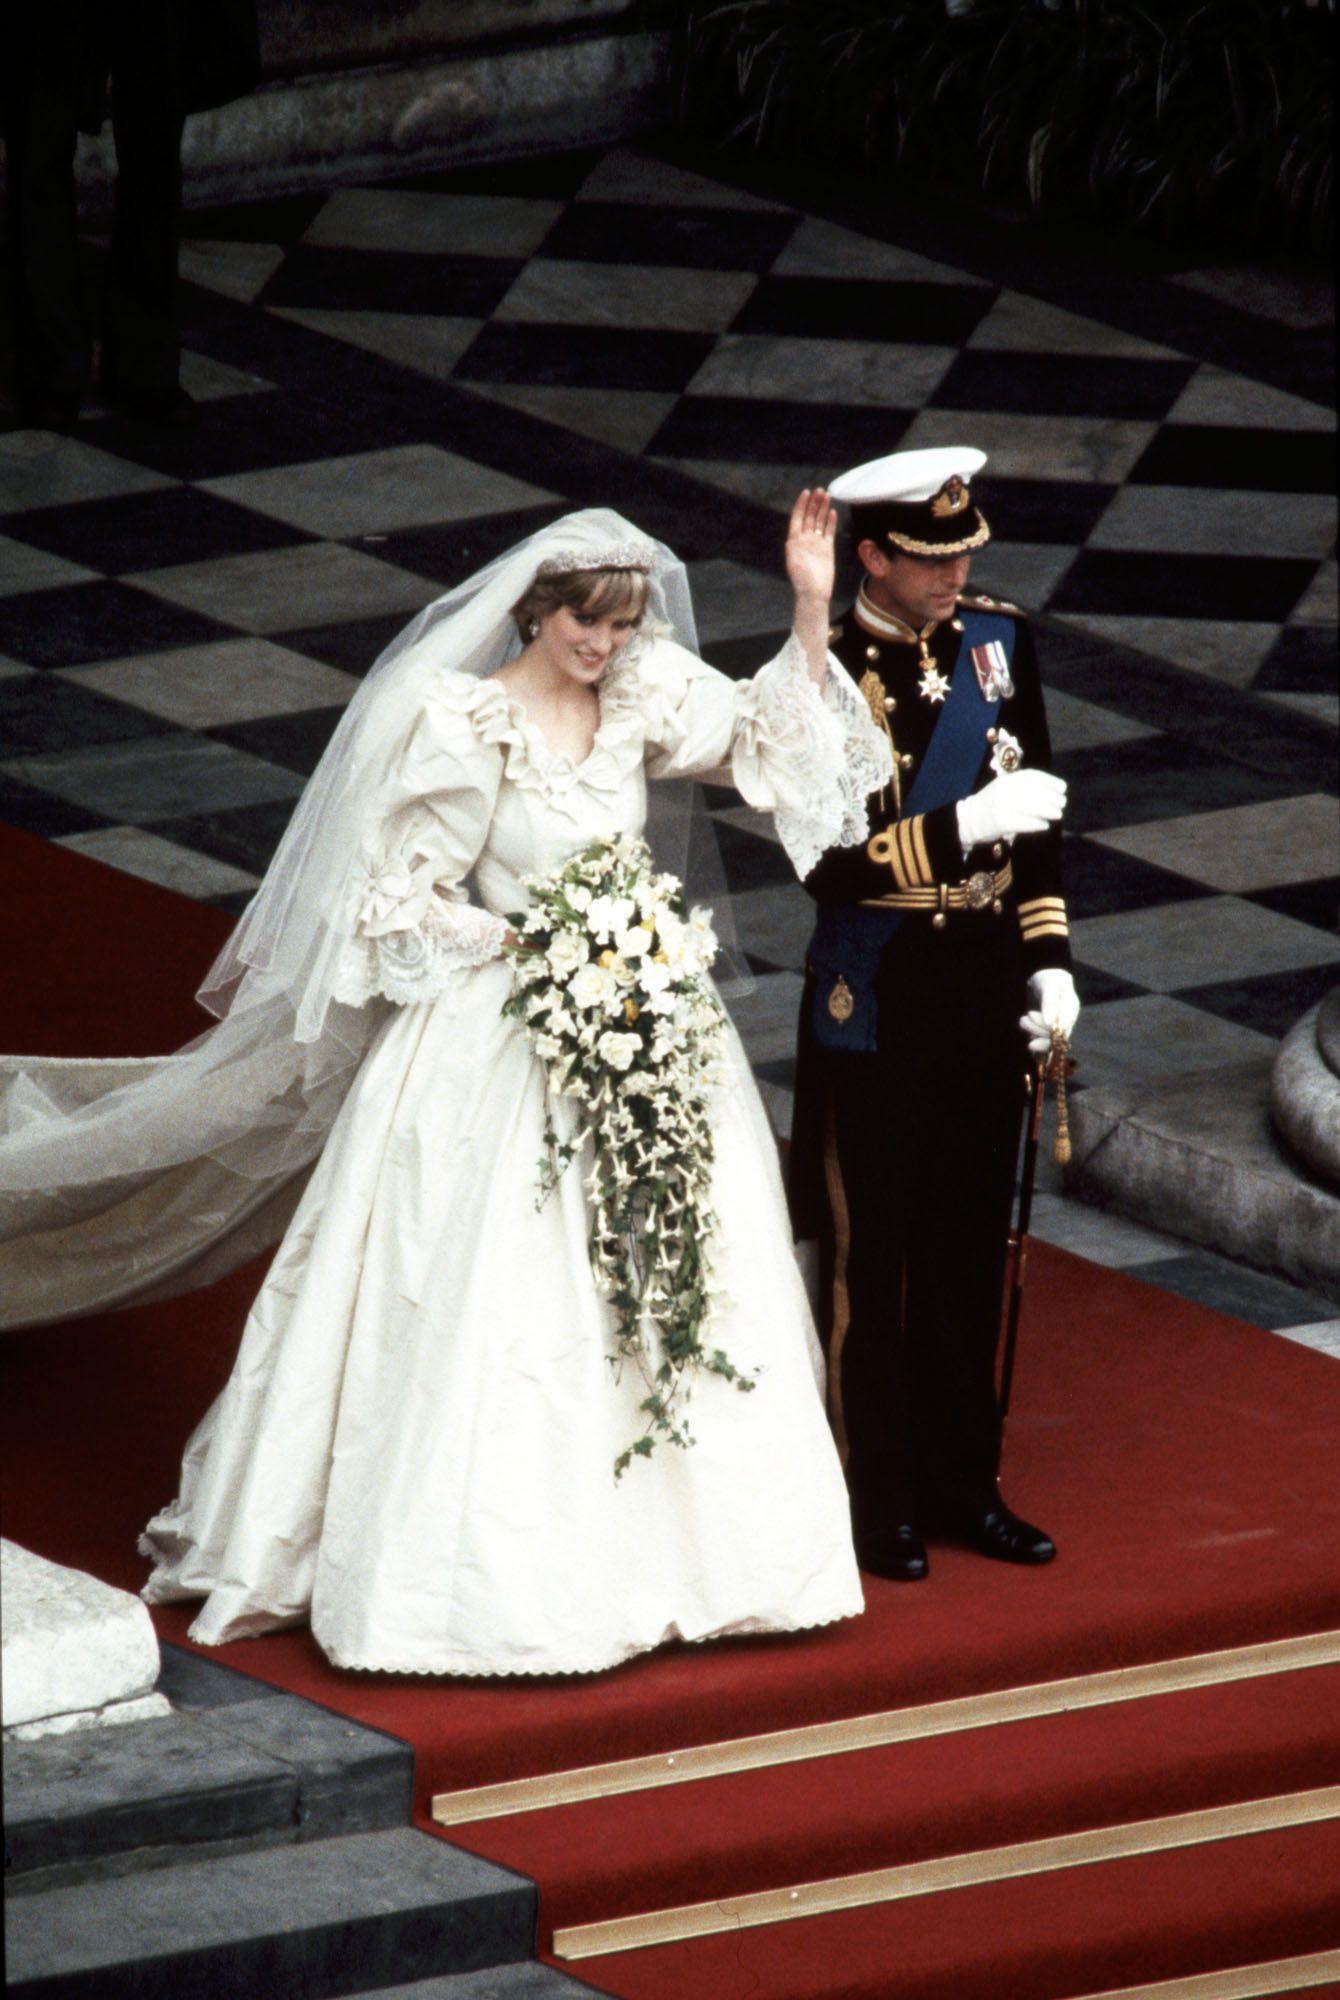 Королівський стиль  7 найкрасивіших весільних суконь 153d435d22cd1